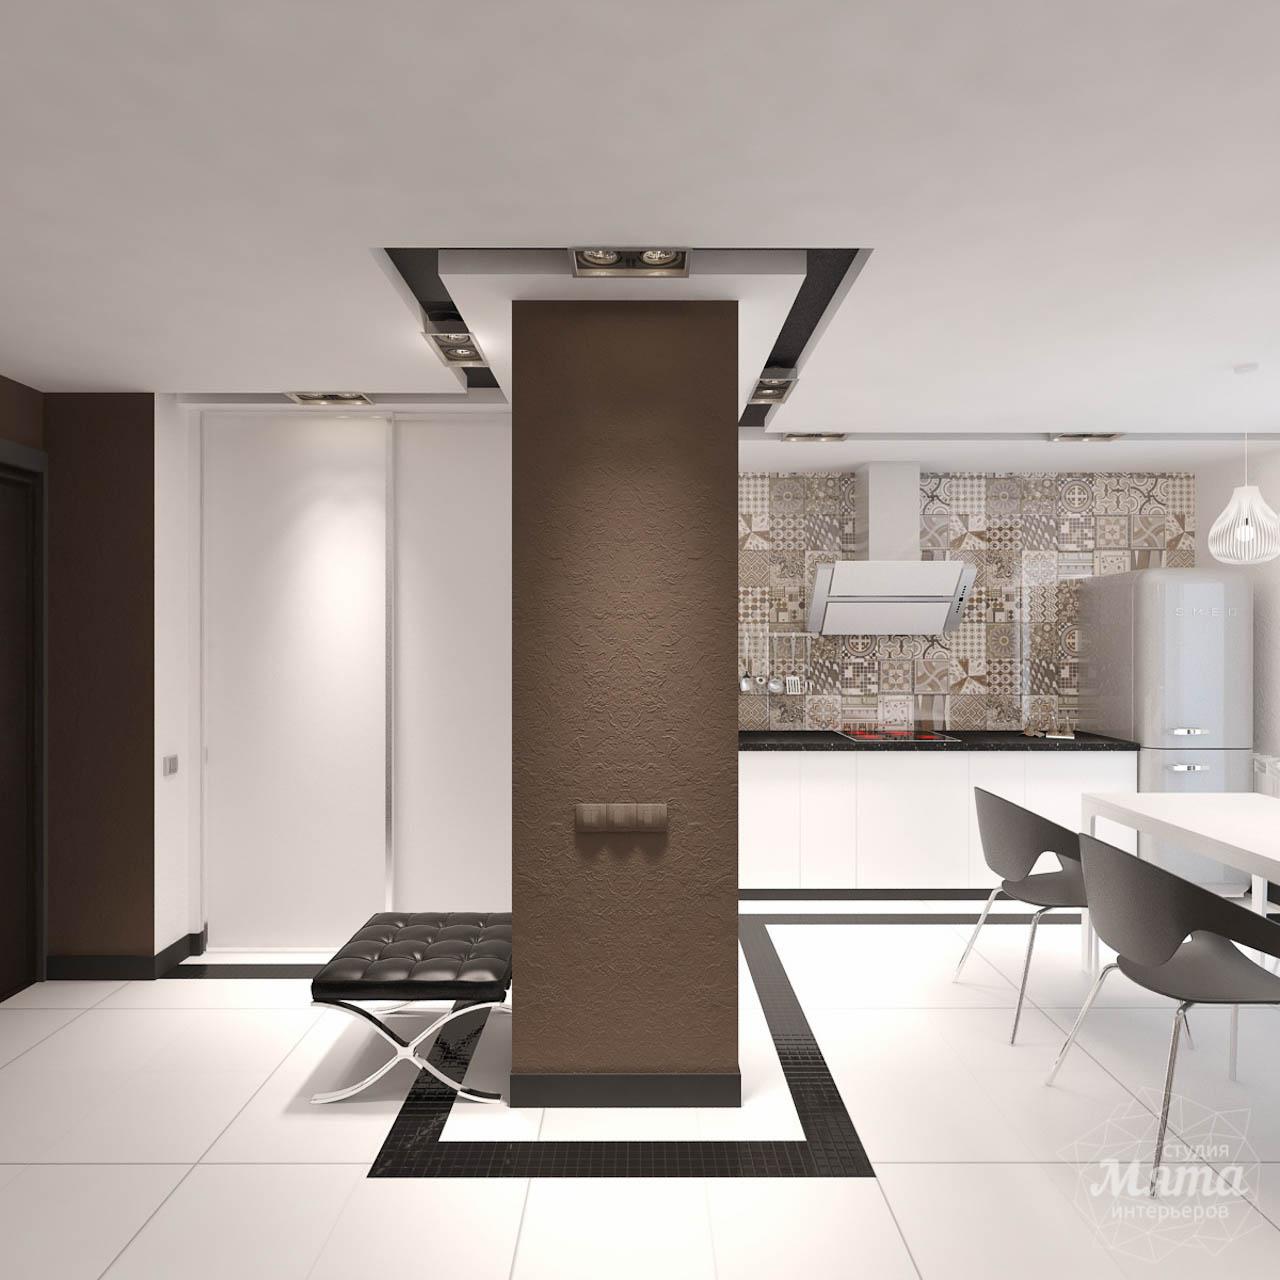 Дизайн интерьера однокомнатной квартиры по ул. Гагарина 27 img416394946